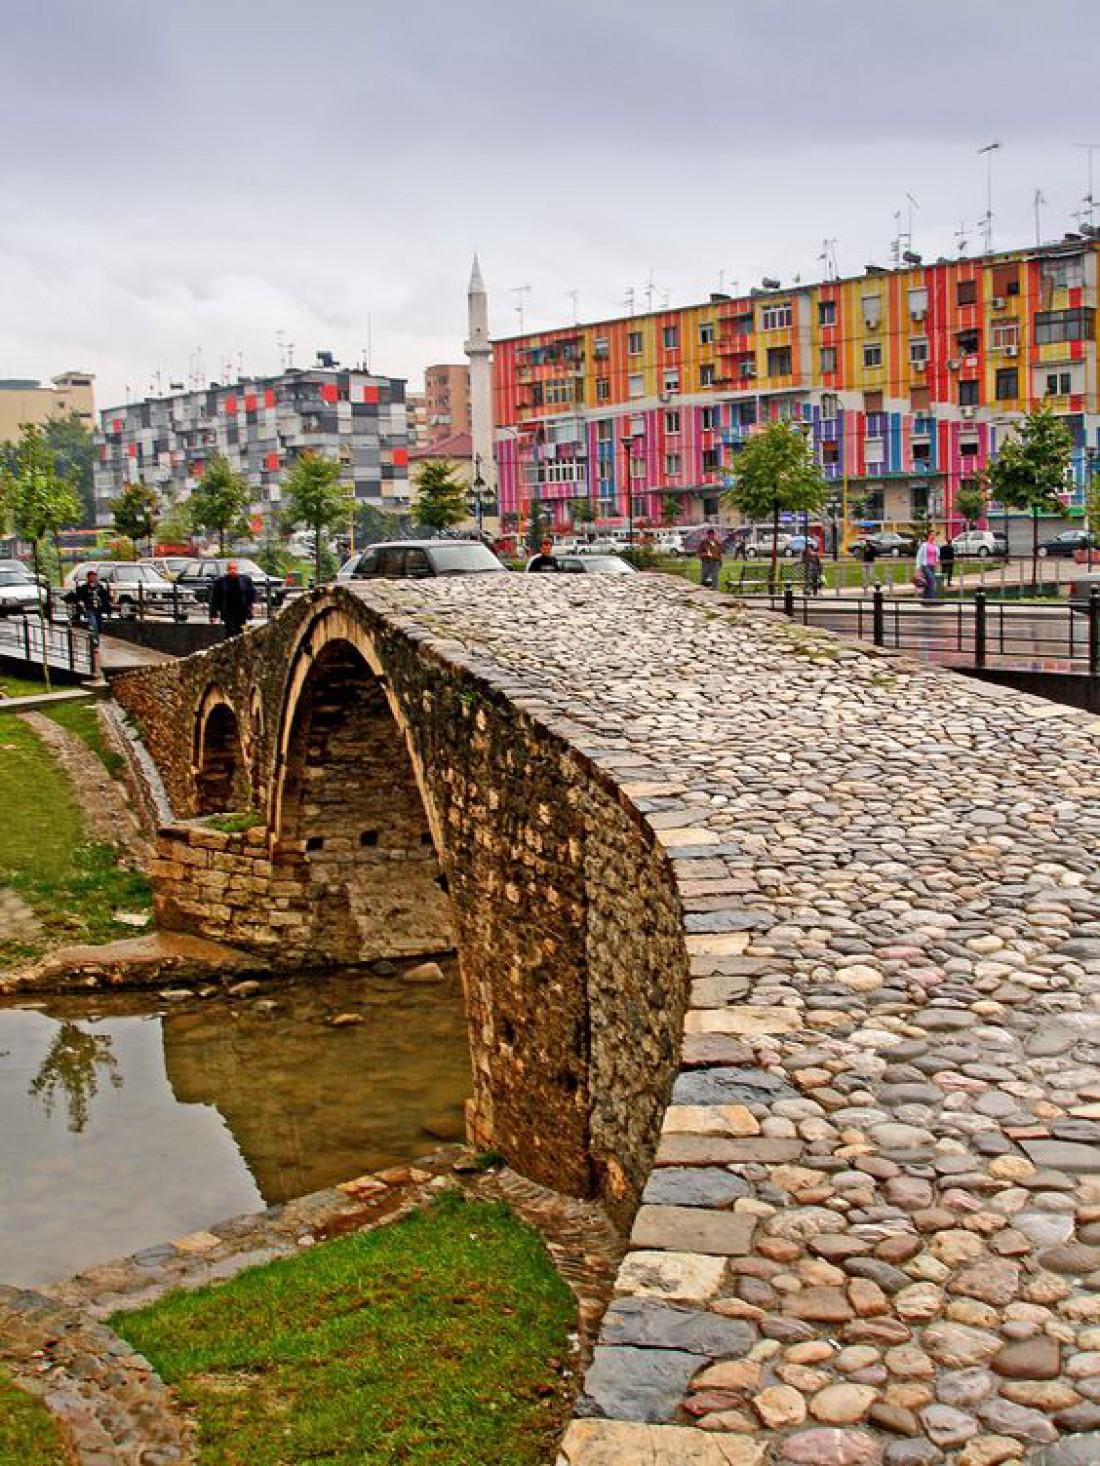 Тирана - самый большой город и столица Албании